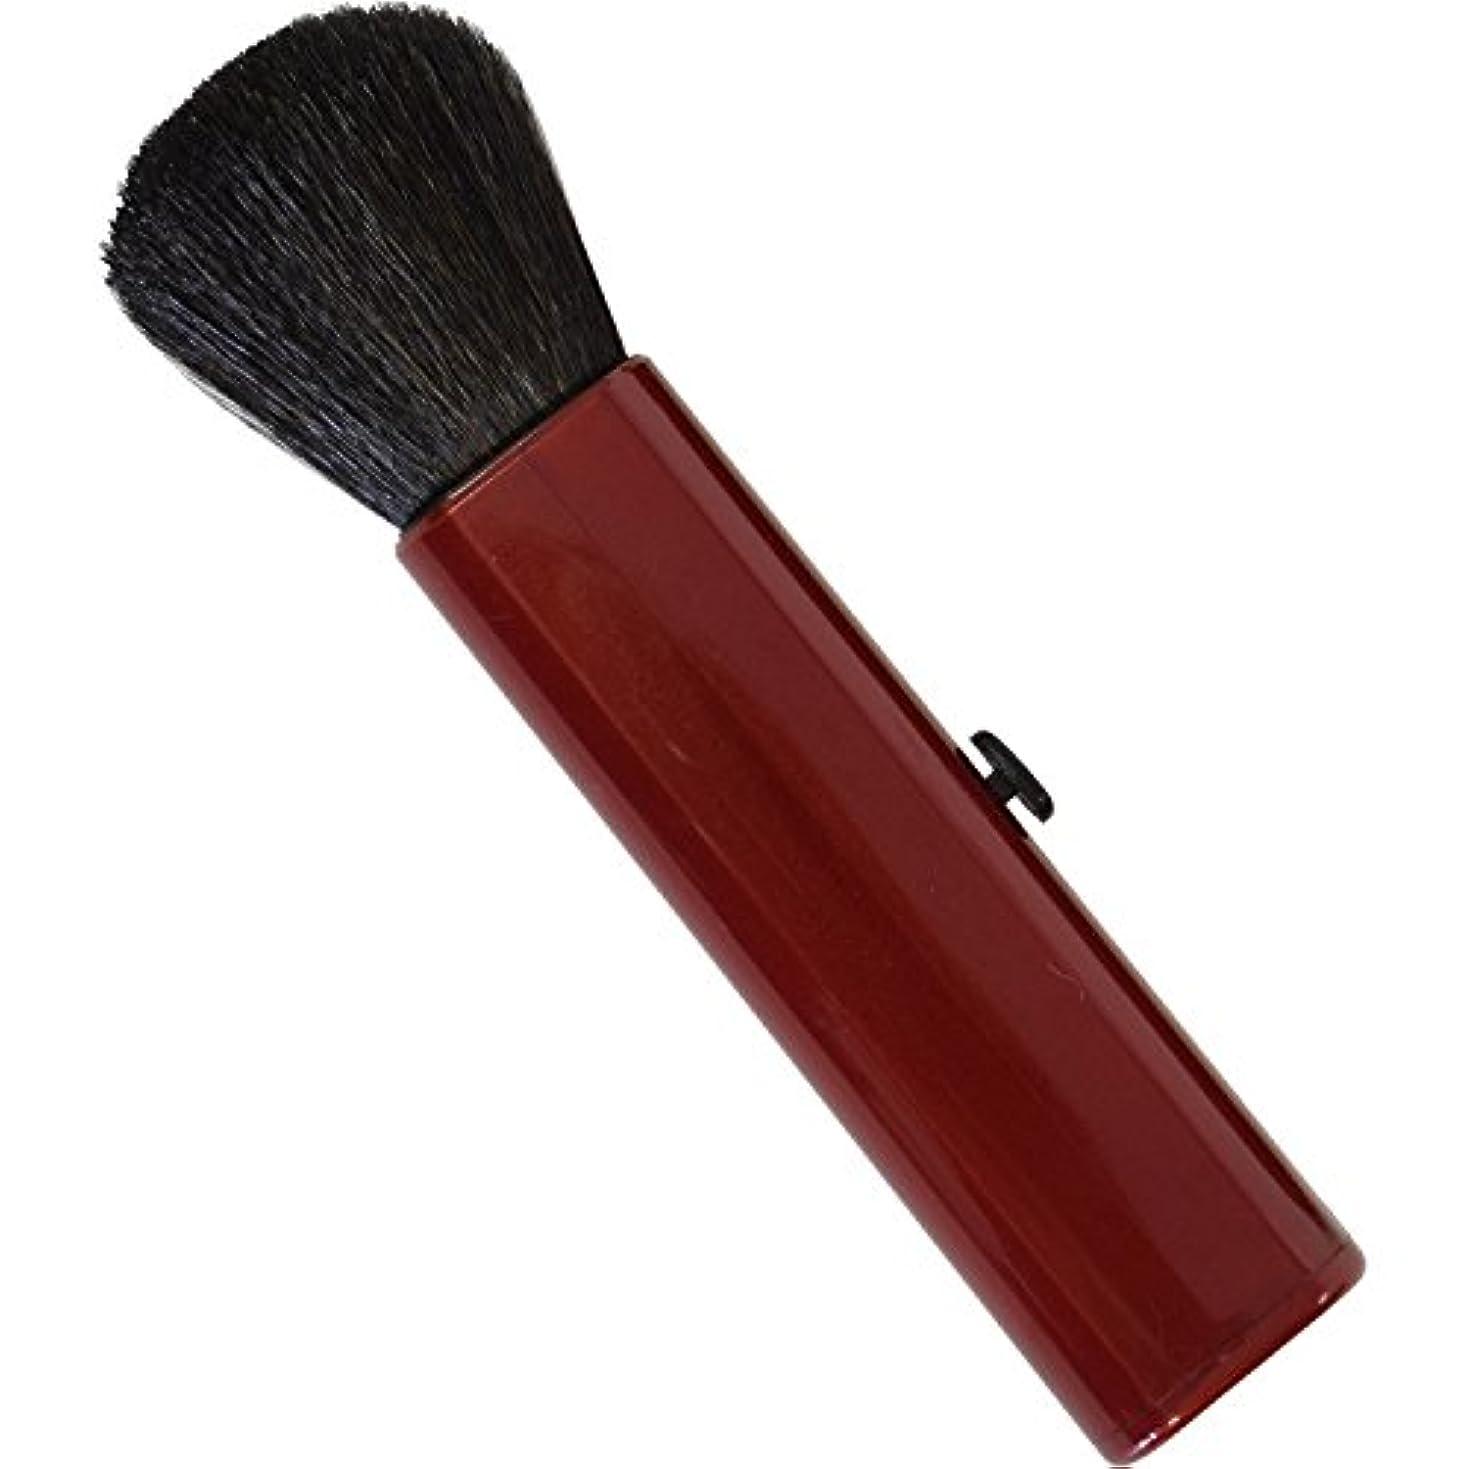 生じるシェル可能性SC-704RD 六角館さくら堂 スライドチークブラシ 赤 山羊毛100% シンプルなデザイン 便利なケース付き